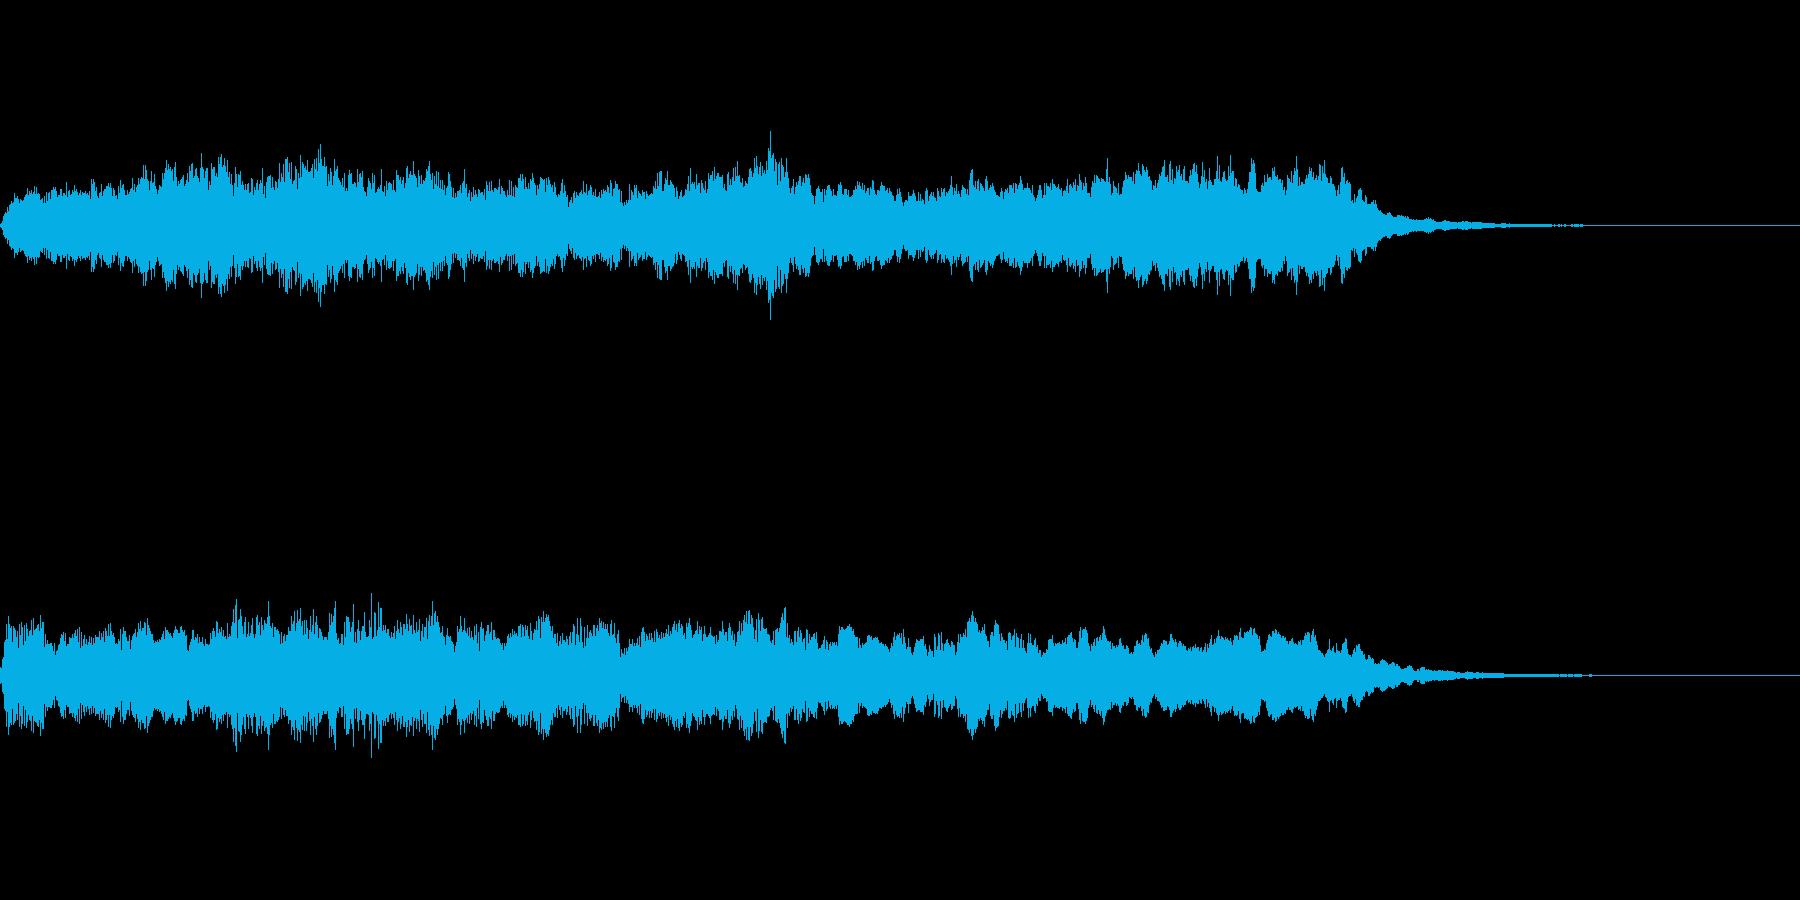 アンティークな質感のオーケストラジングルの再生済みの波形